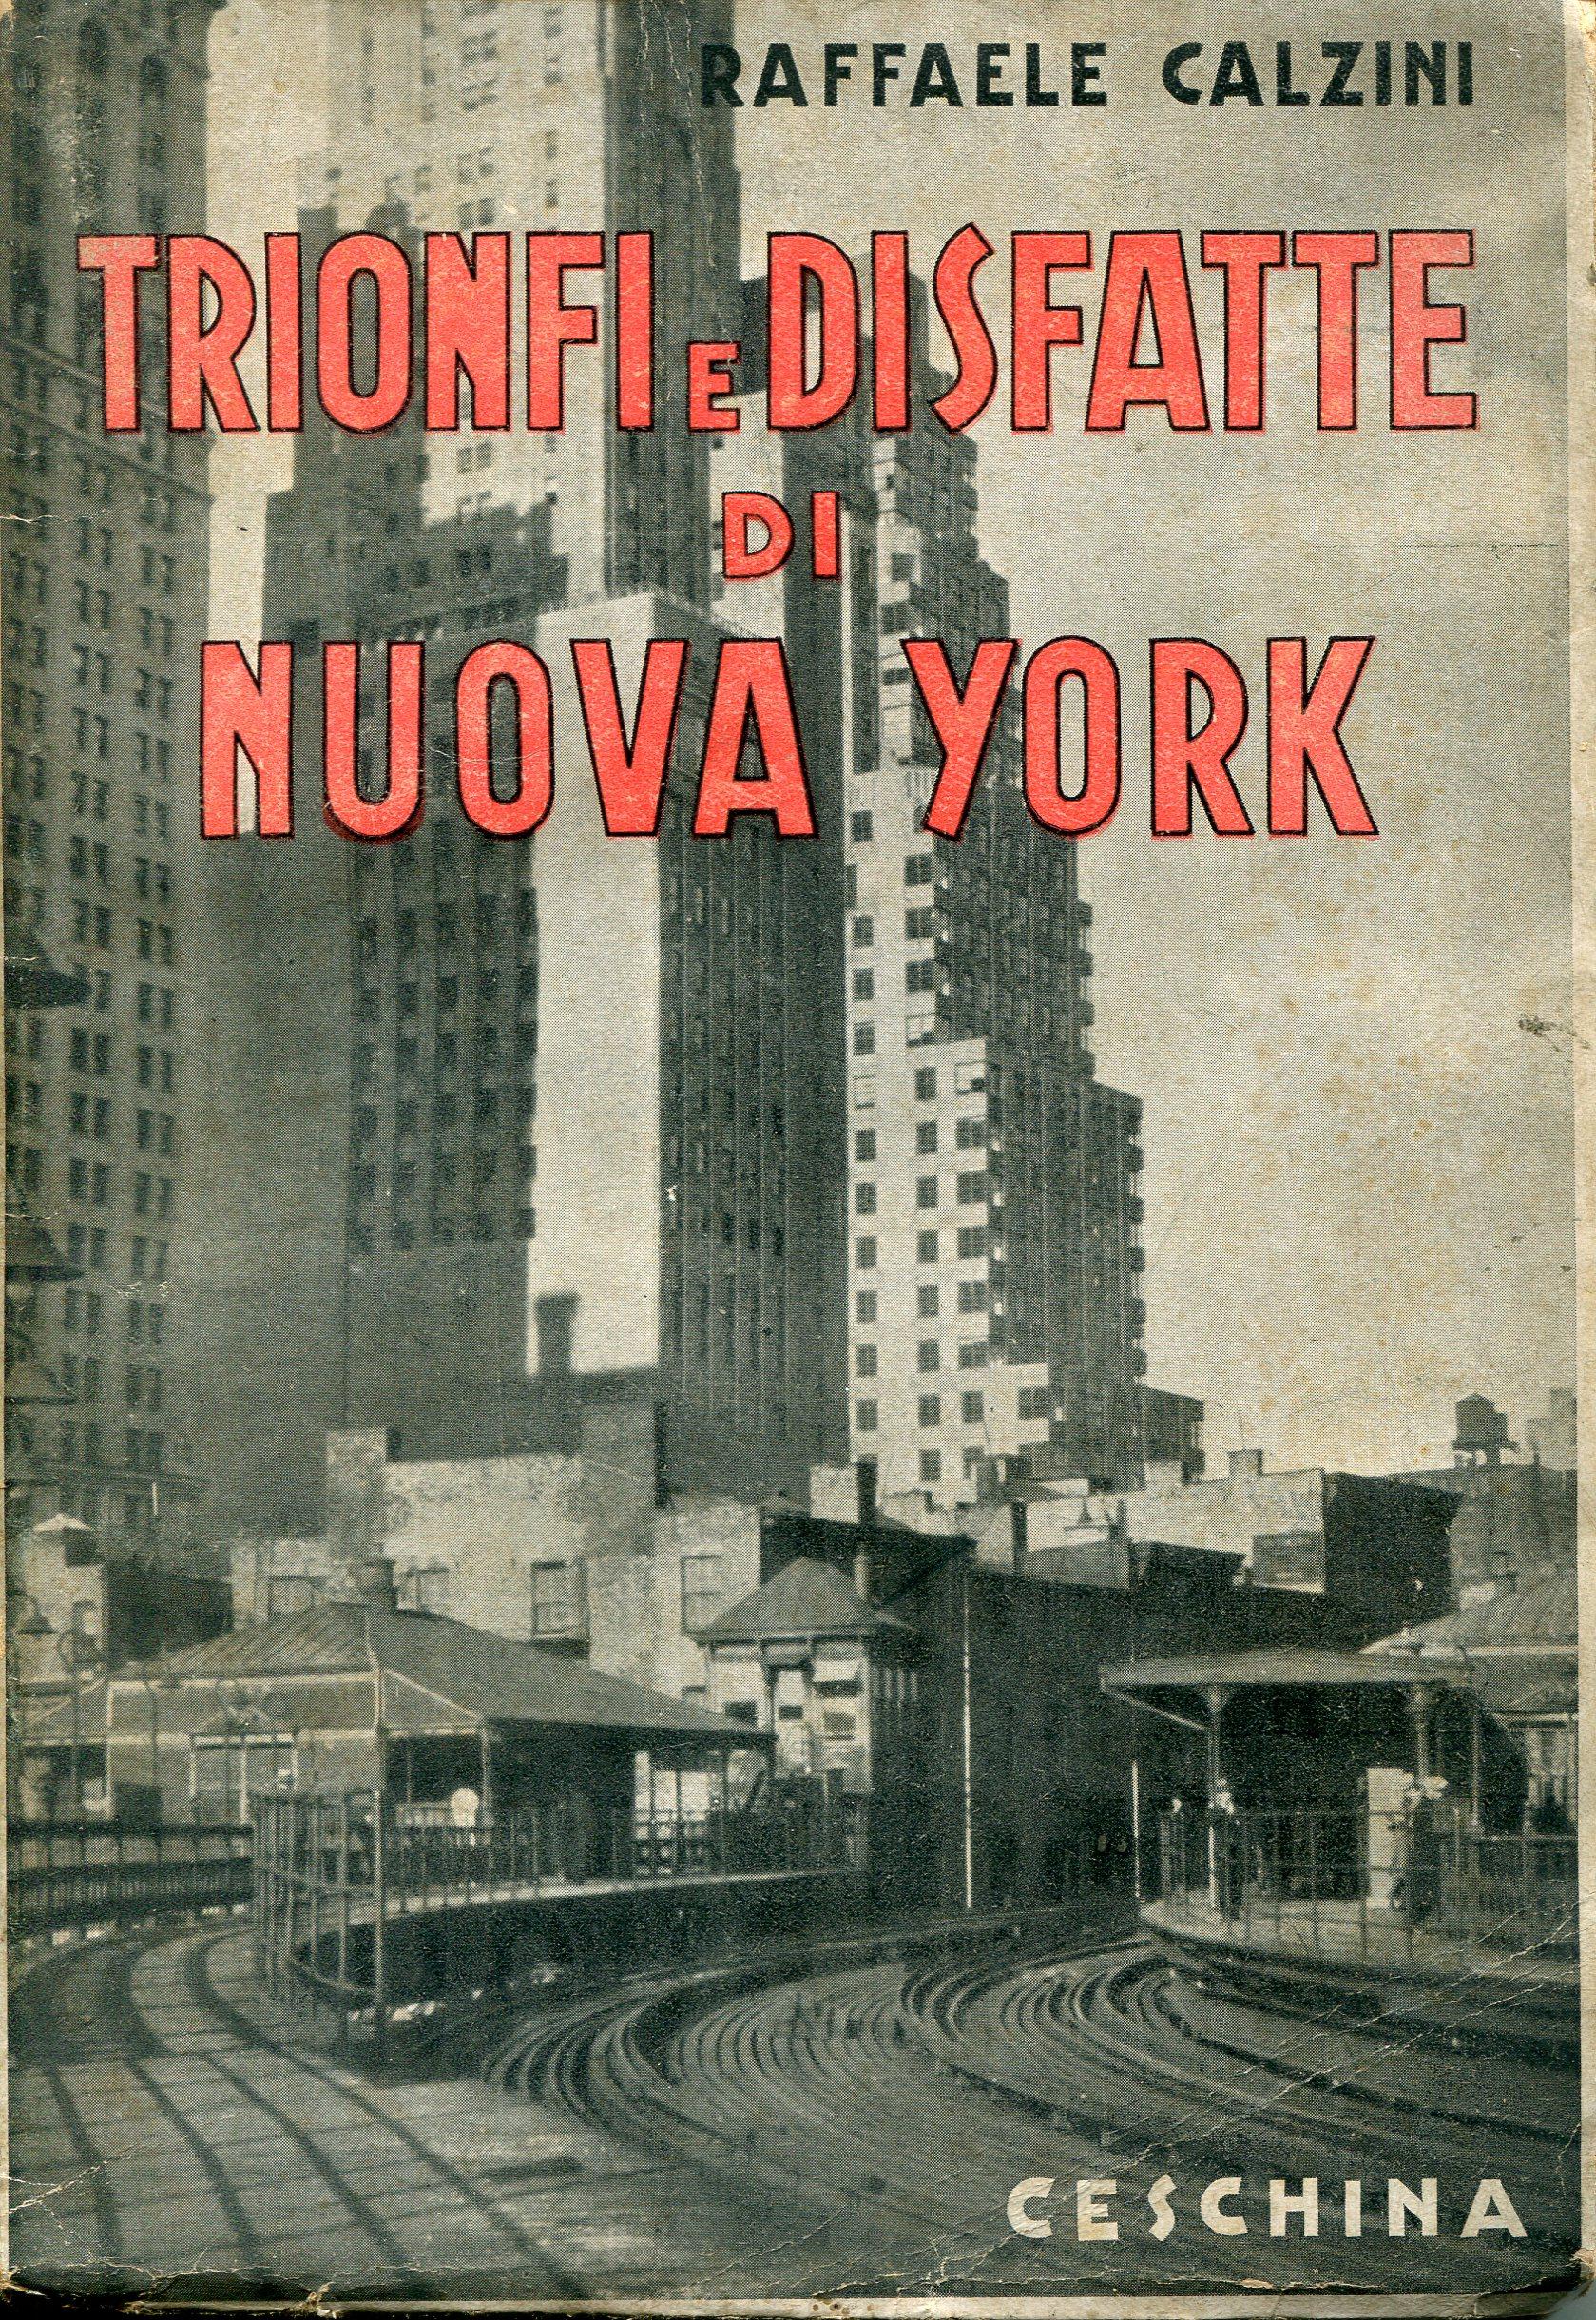 Trionfi e disfatte di Nuova York